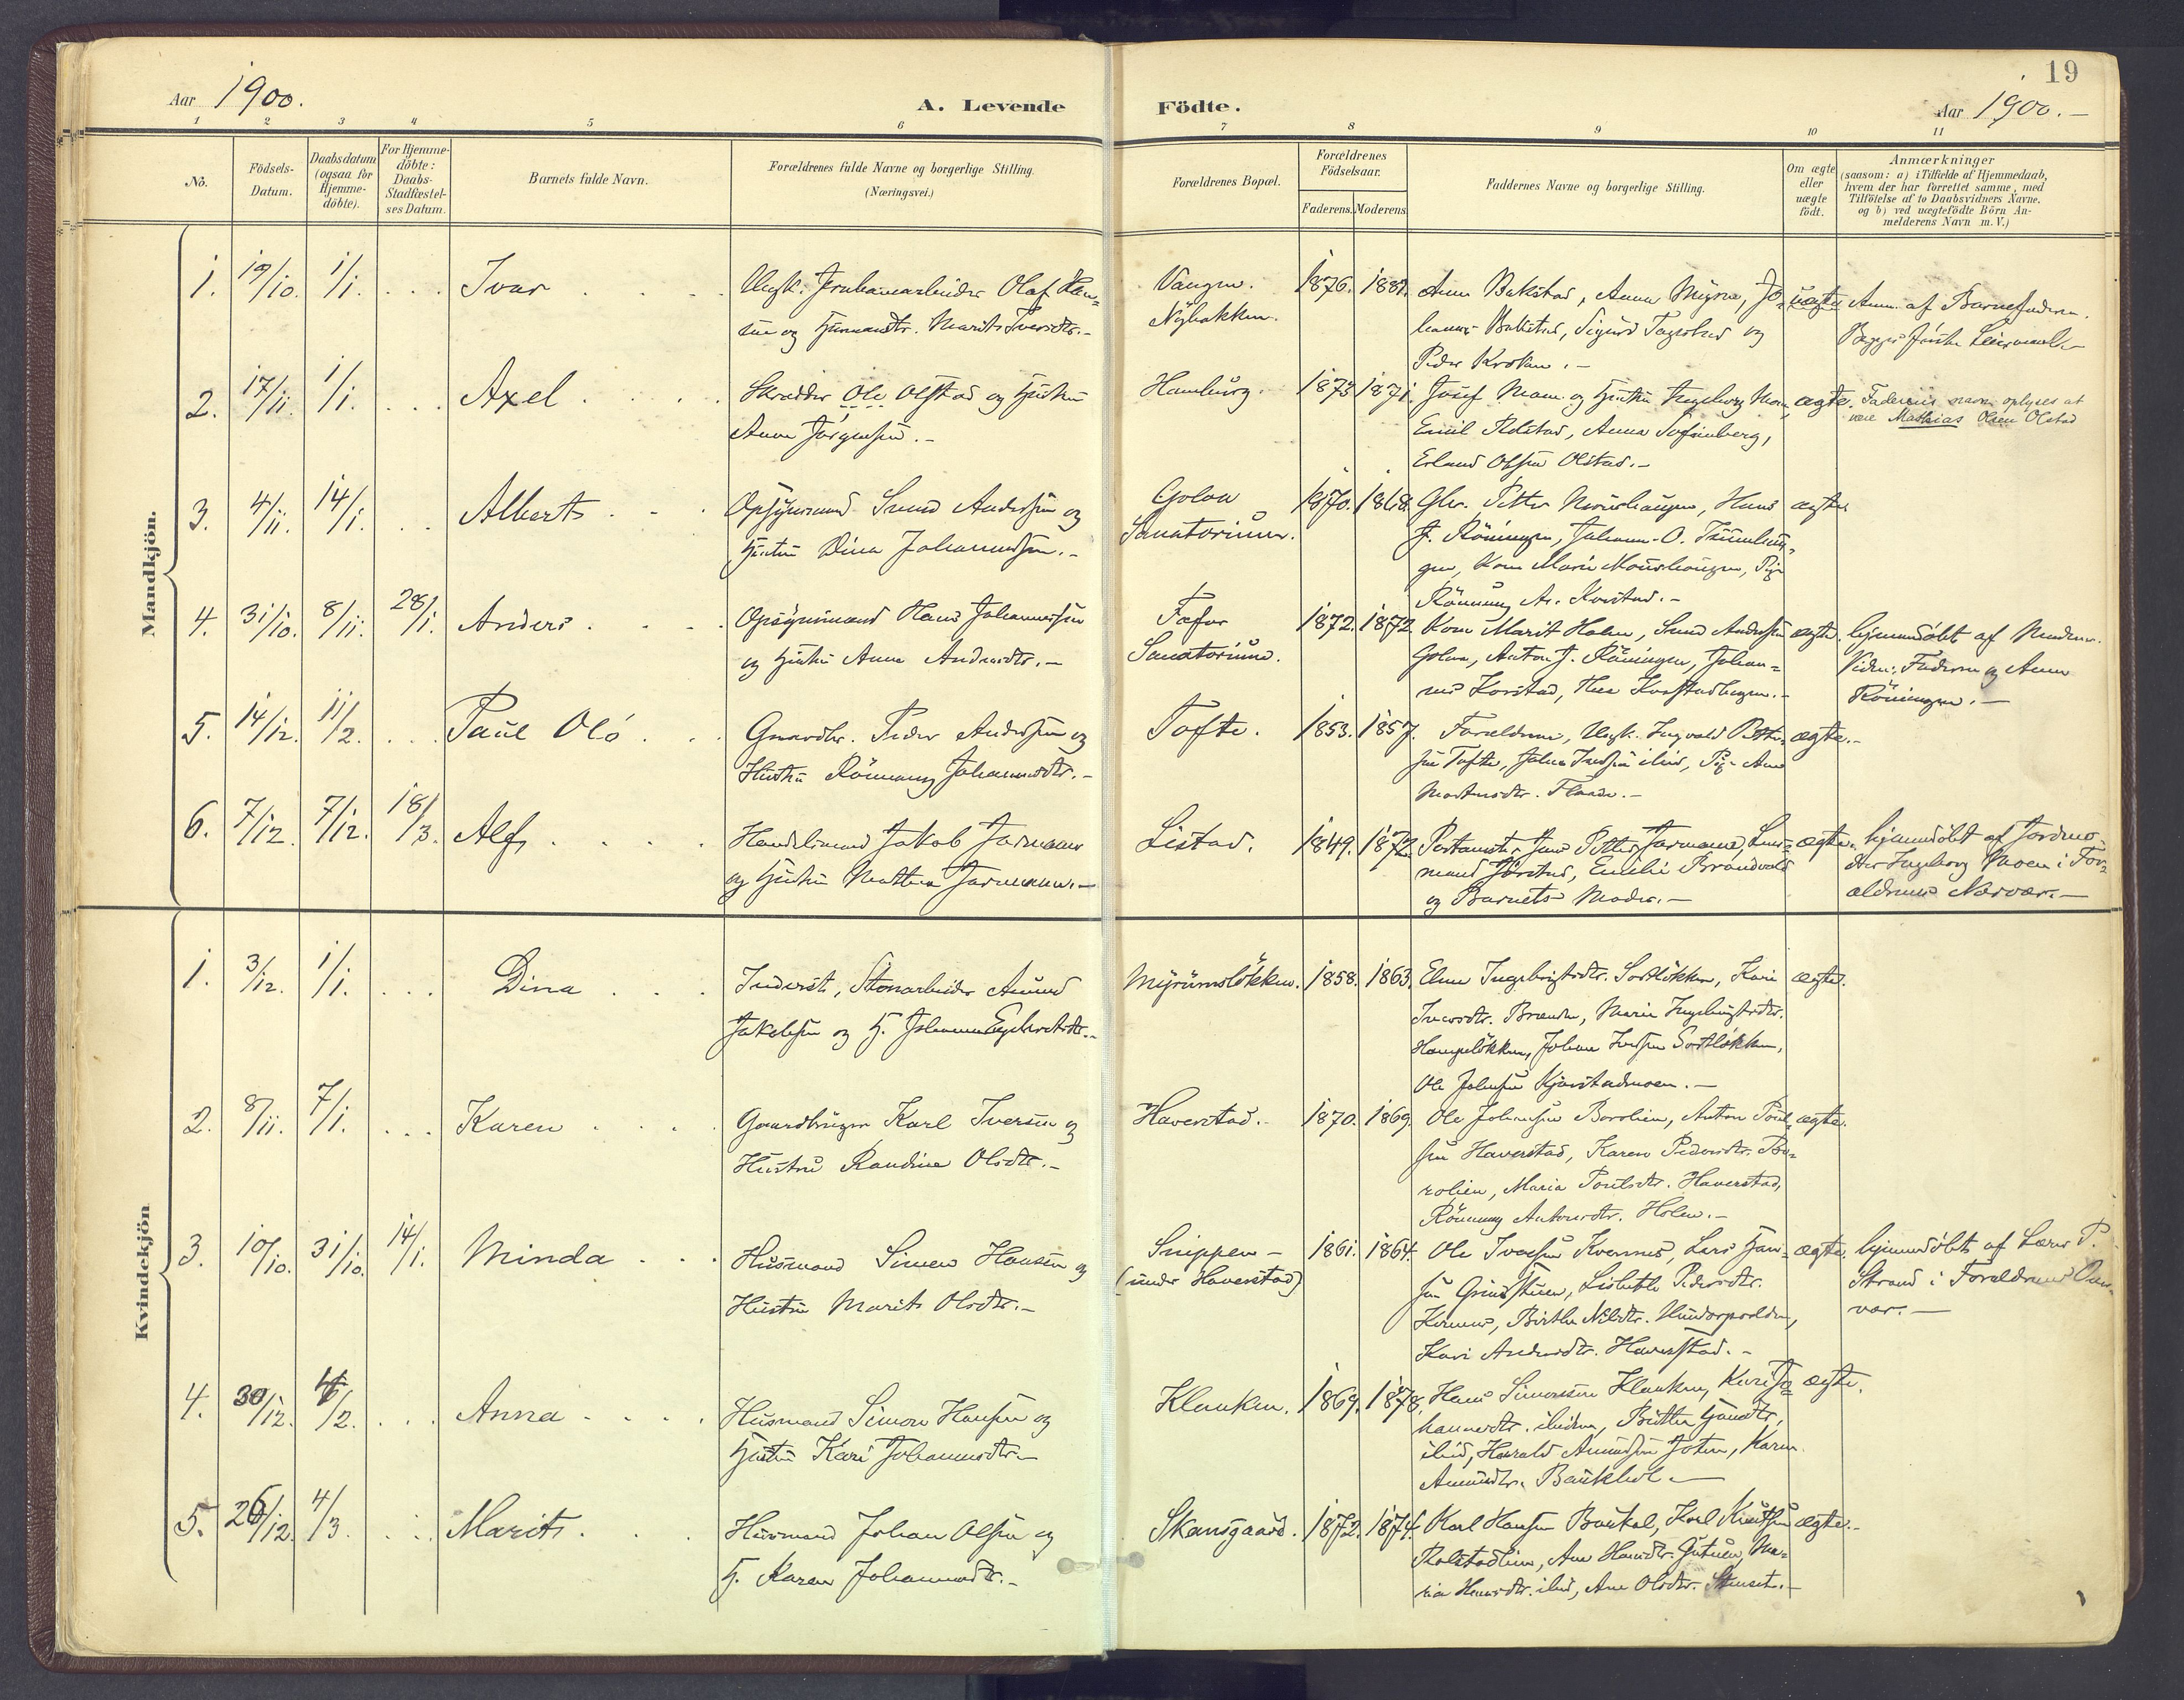 SAH, Sør-Fron prestekontor, H/Ha/Haa/L0004: Parish register (official) no. 4, 1898-1919, p. 19